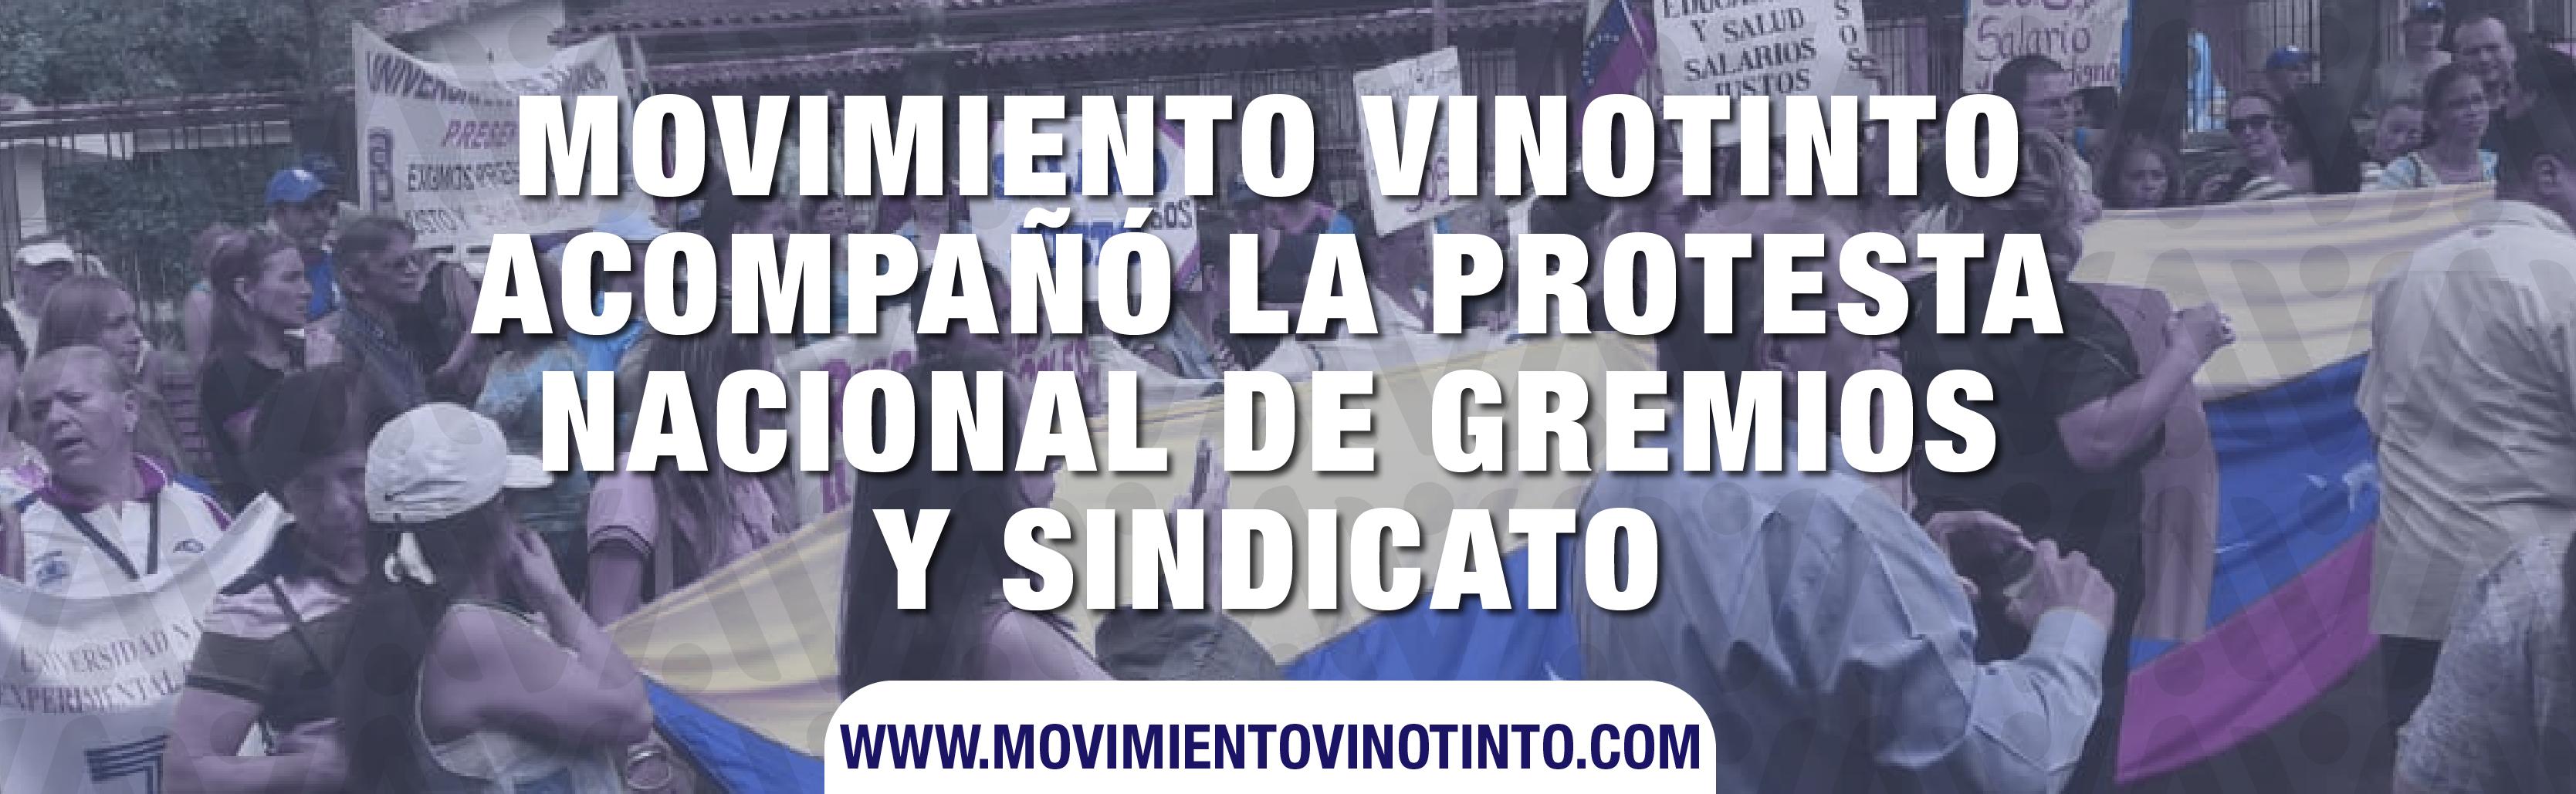 Movimiento Vinotinto acompañó la protesta nacional de gremios y sindicatos #5OCT